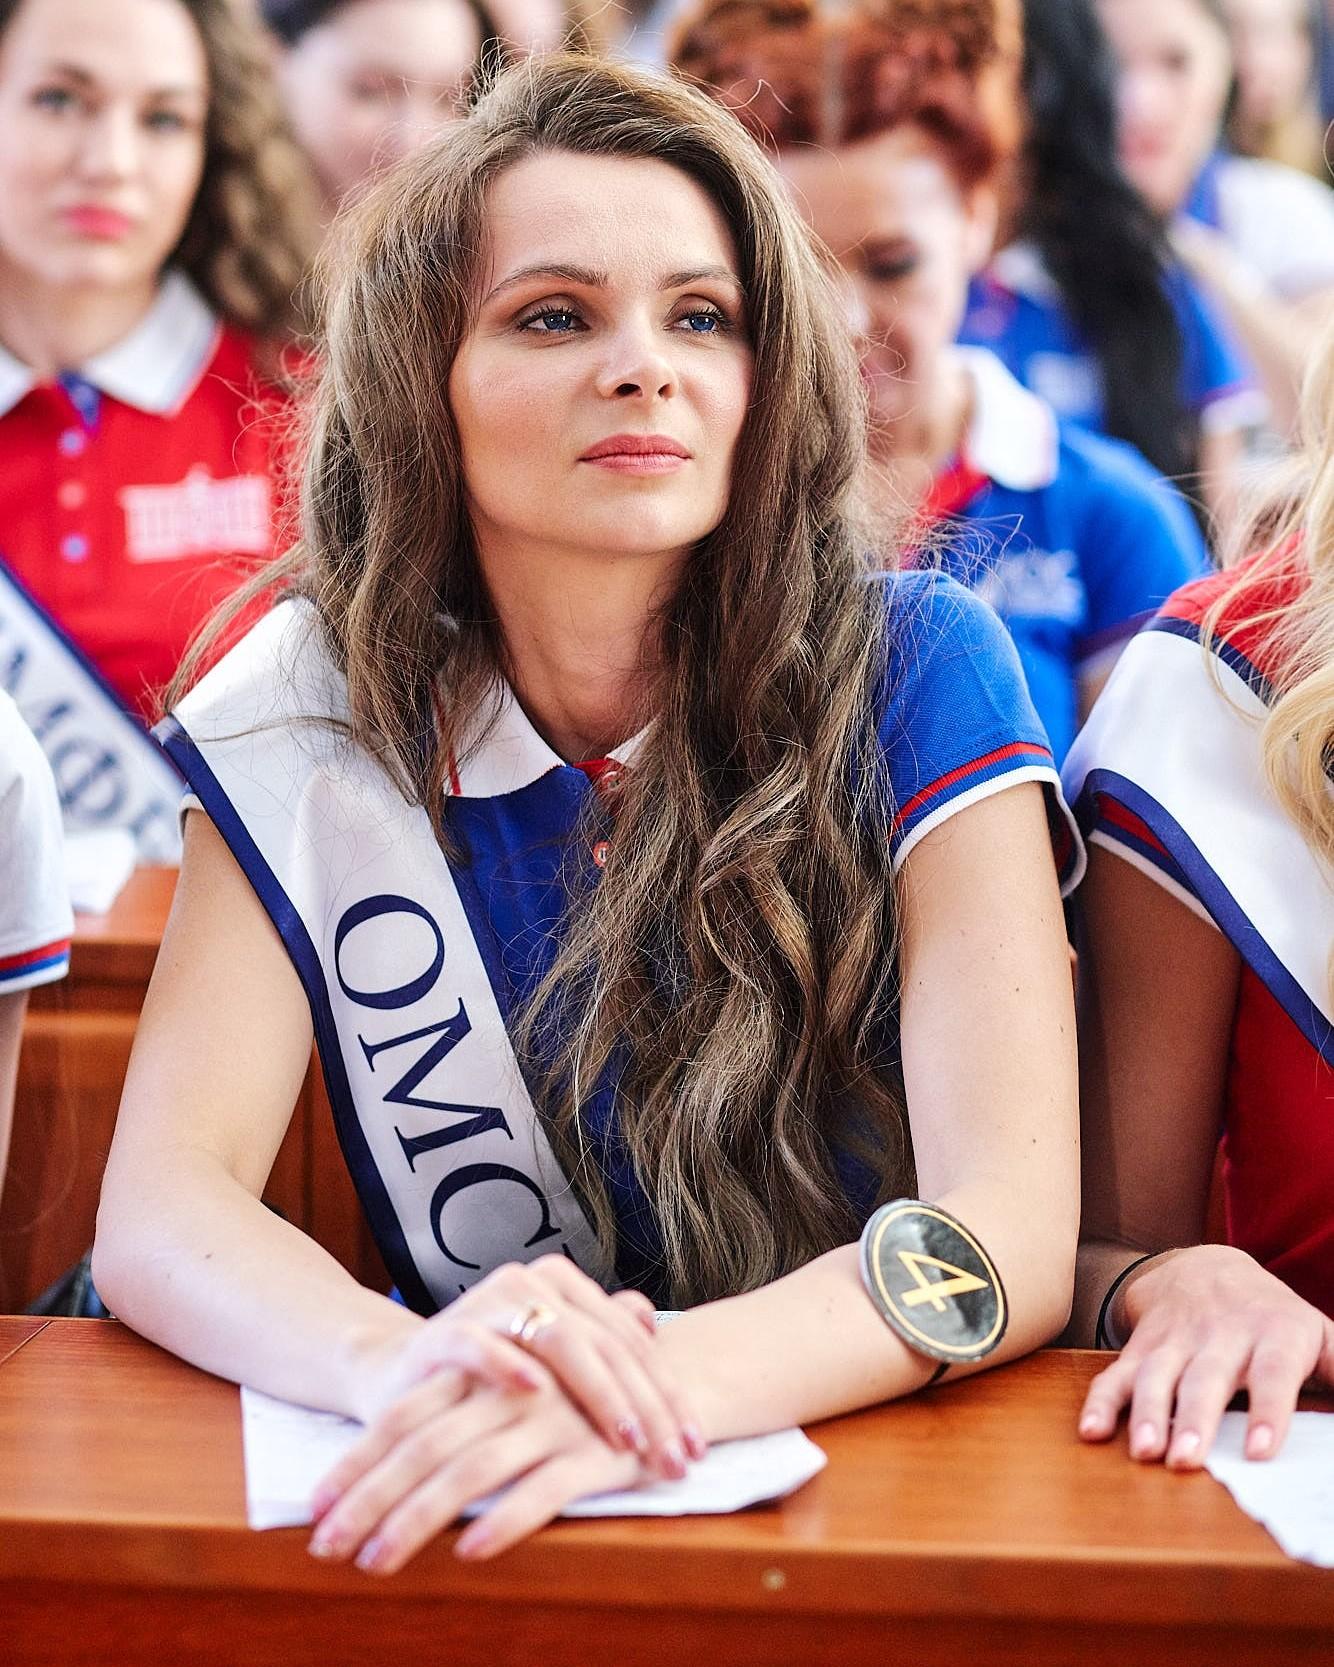 Варвара Созонова прошла региональный этап конкурса красоты